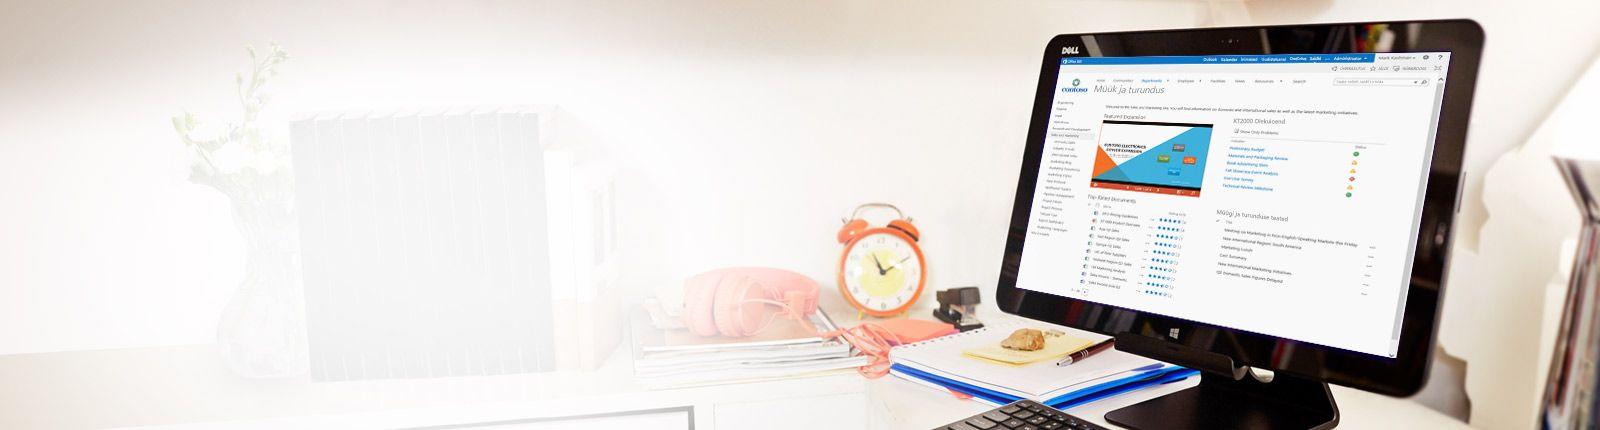 Lauaarvuti kuvar, kus on näha SharePointis asuv müügi- ja turundusdokument.